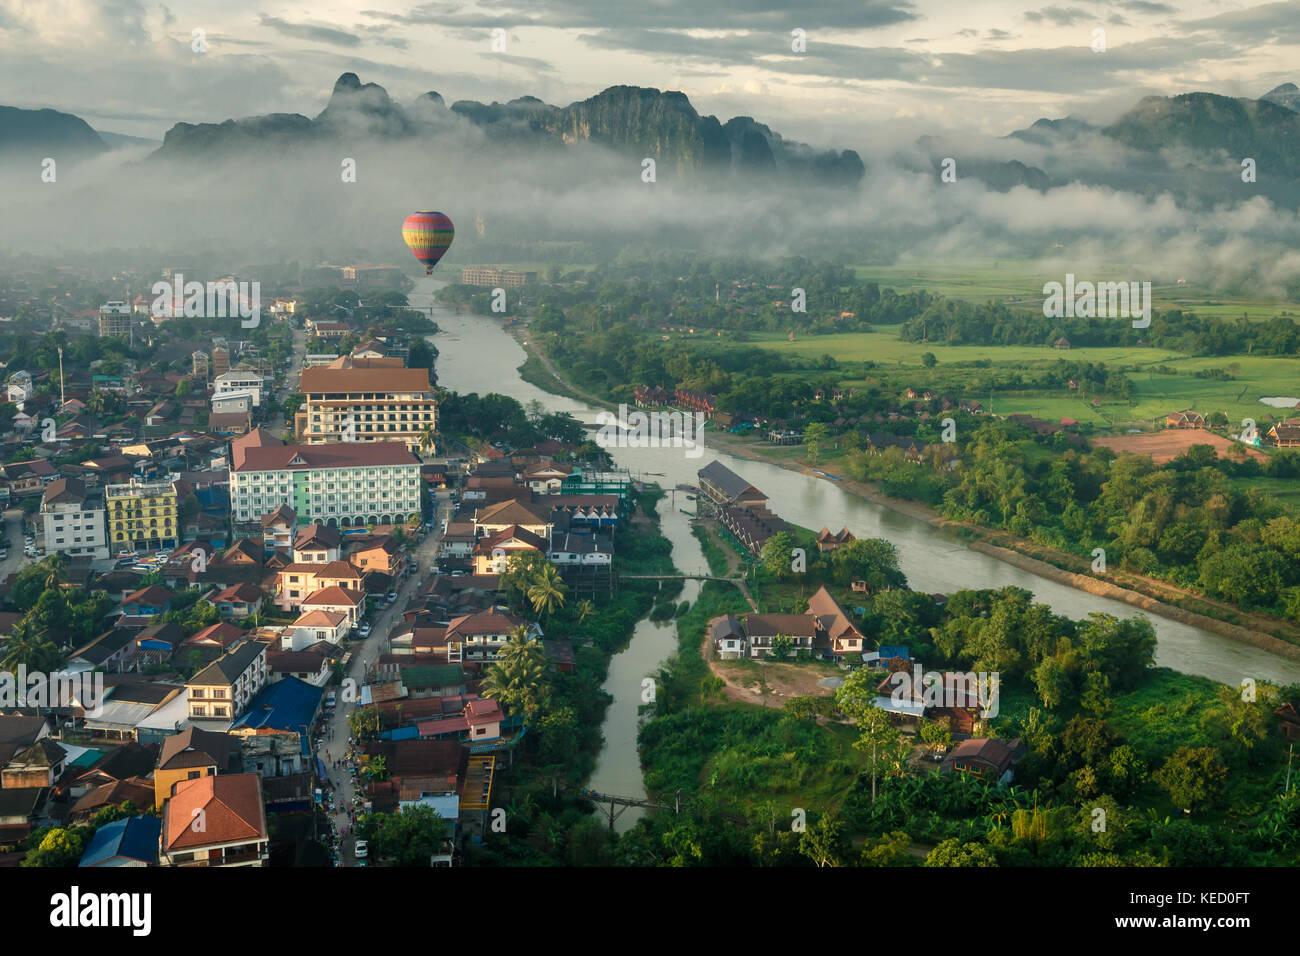 Por la mañana vista de Vang Vieng, norte de Laos. Imagen De Stock